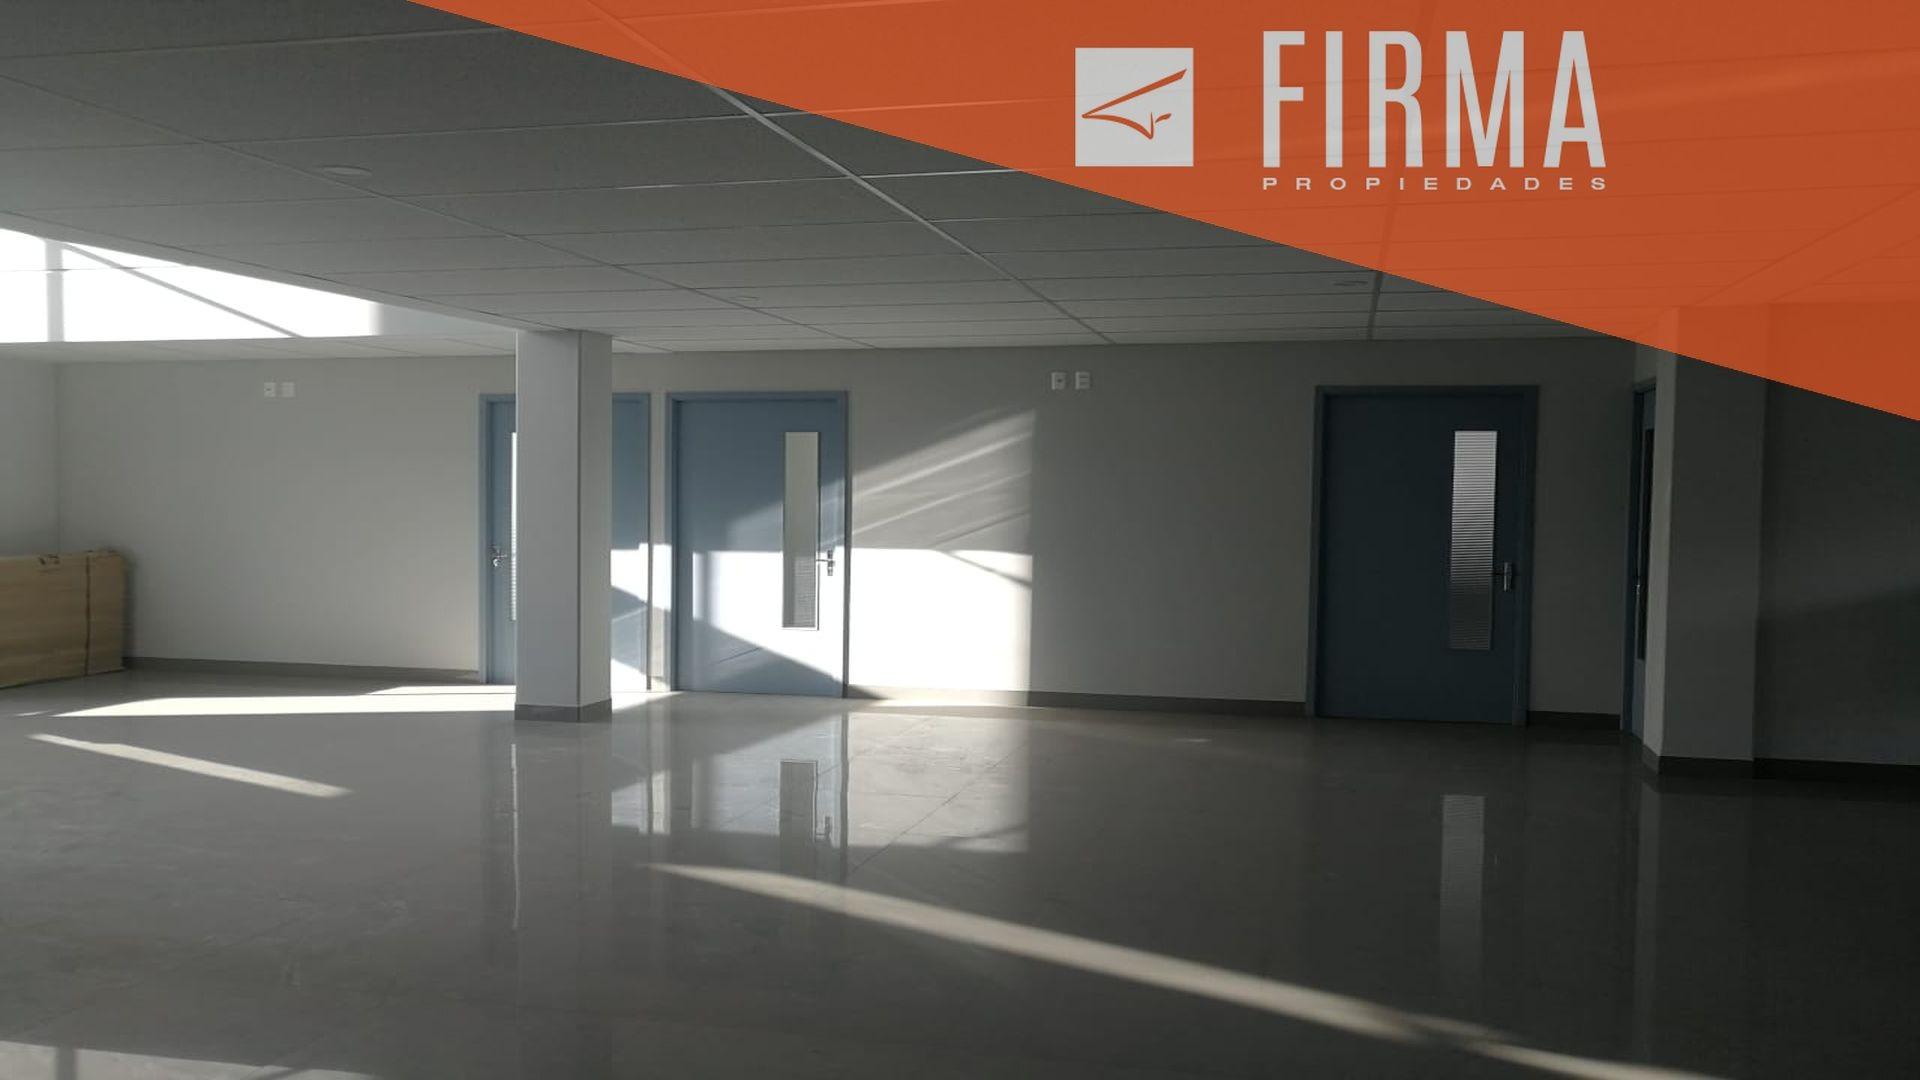 Edificio en Venta COMPRA TU EDIFICIO (CLINICA) EN COTA COTA Foto 10